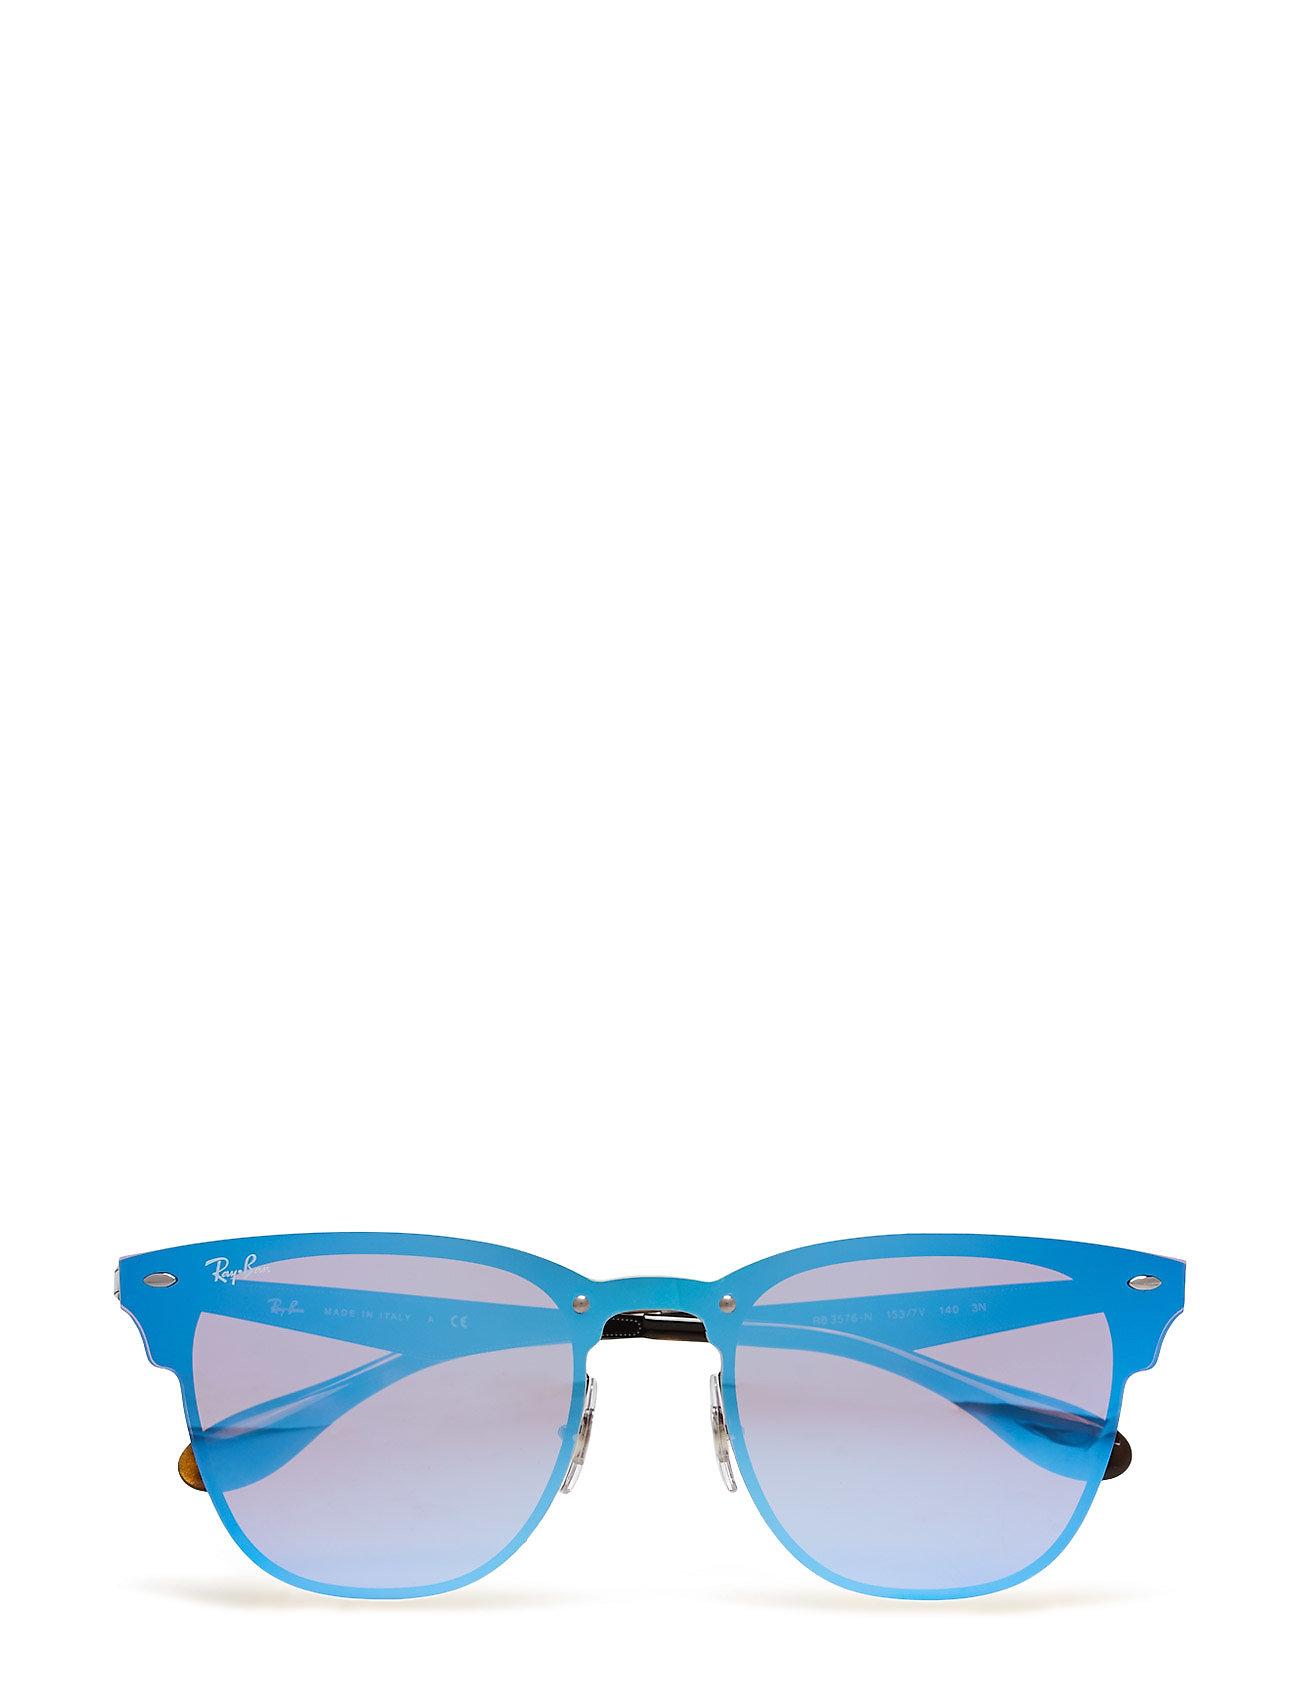 Highstreet Ray-Ban Solbriller til Damer i Sort